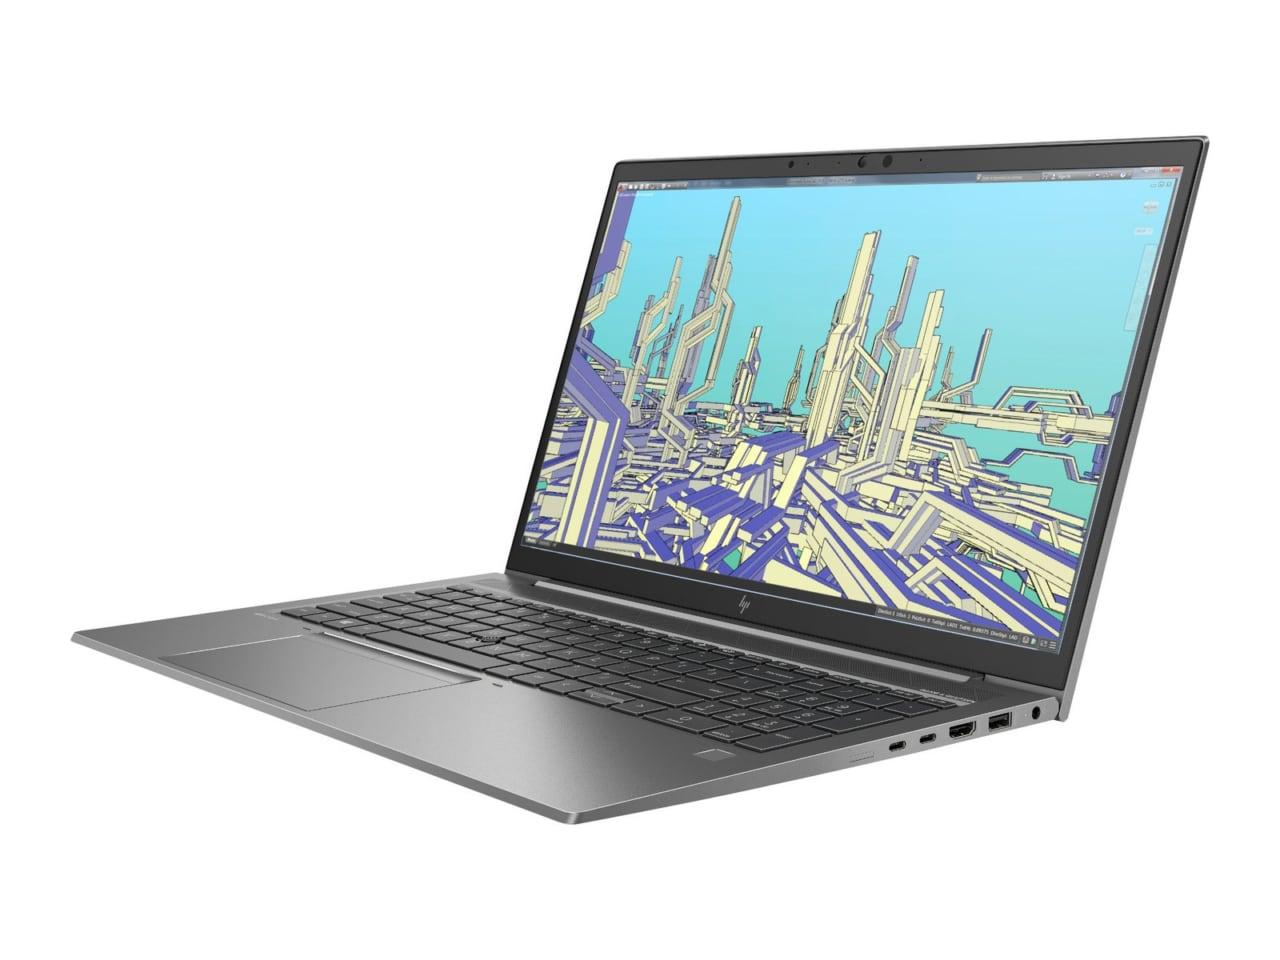 """HP ZBook Firefly 14 è """"la più piccola e leggera workstation portatile al mondo"""" (foto)"""